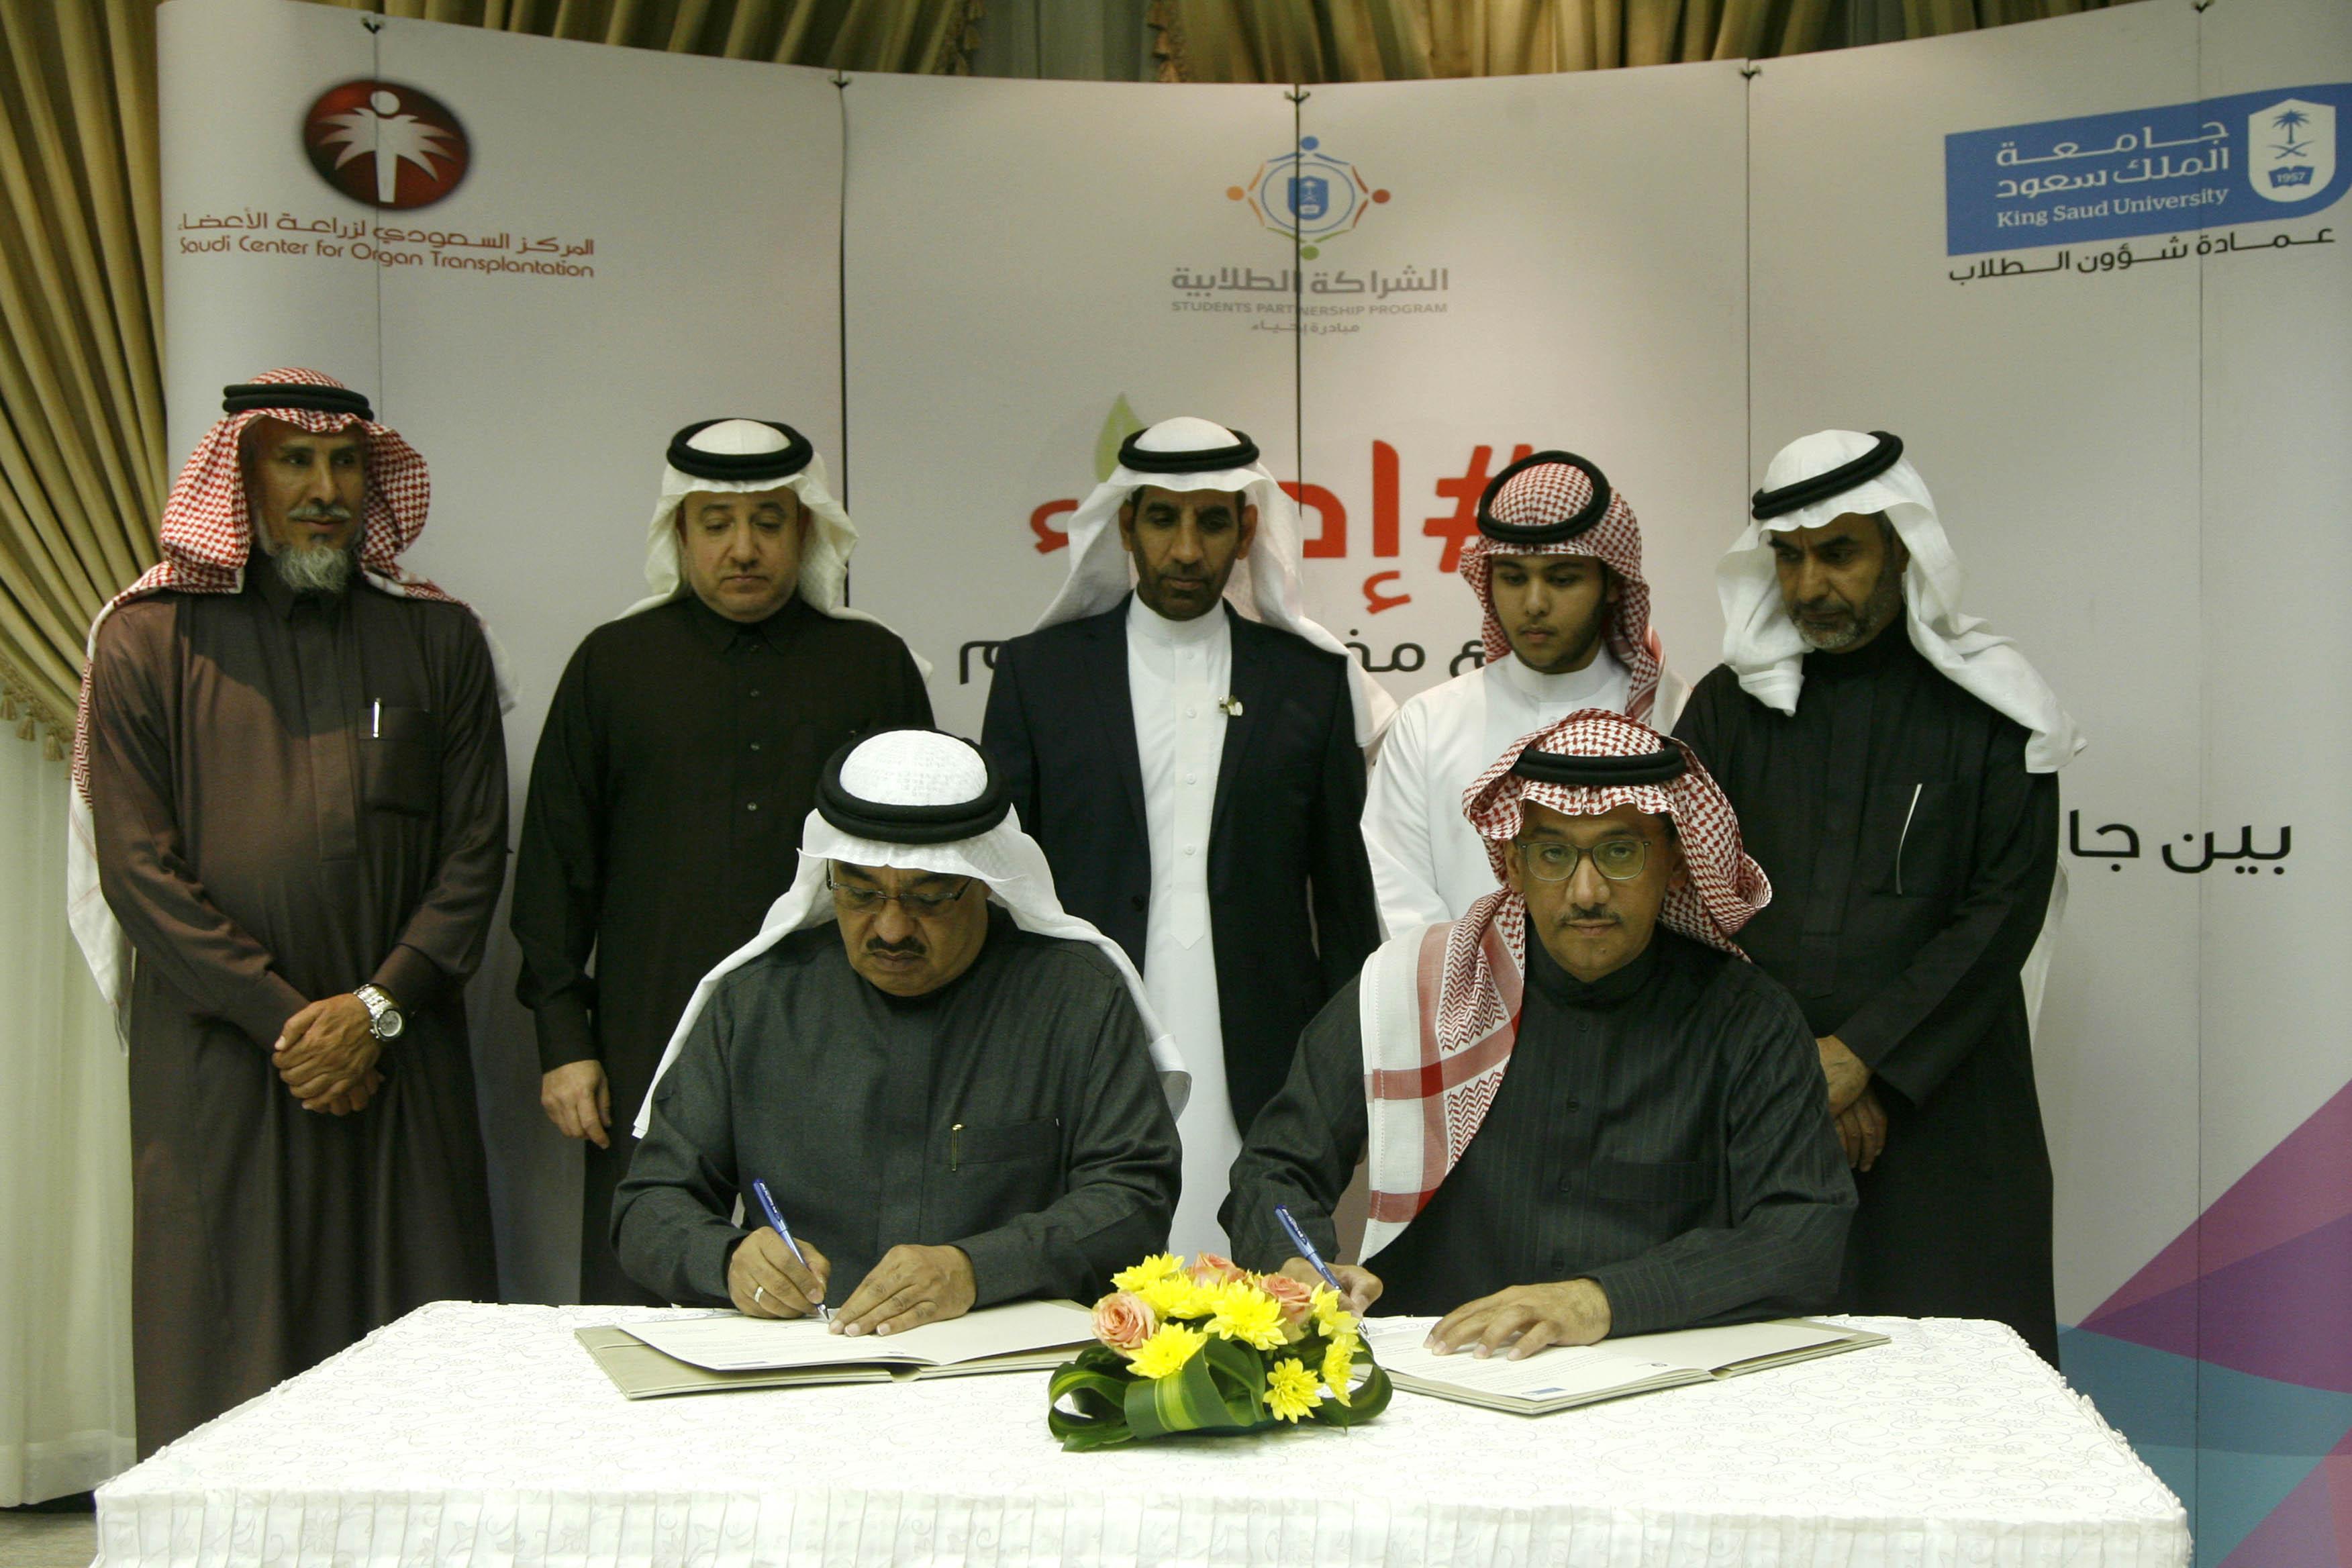 توقيع مذكرة تفاهم بين الجامعة والمركز السعودي لزراعة الأعضاء لتفعيل مبادرة إحياء.